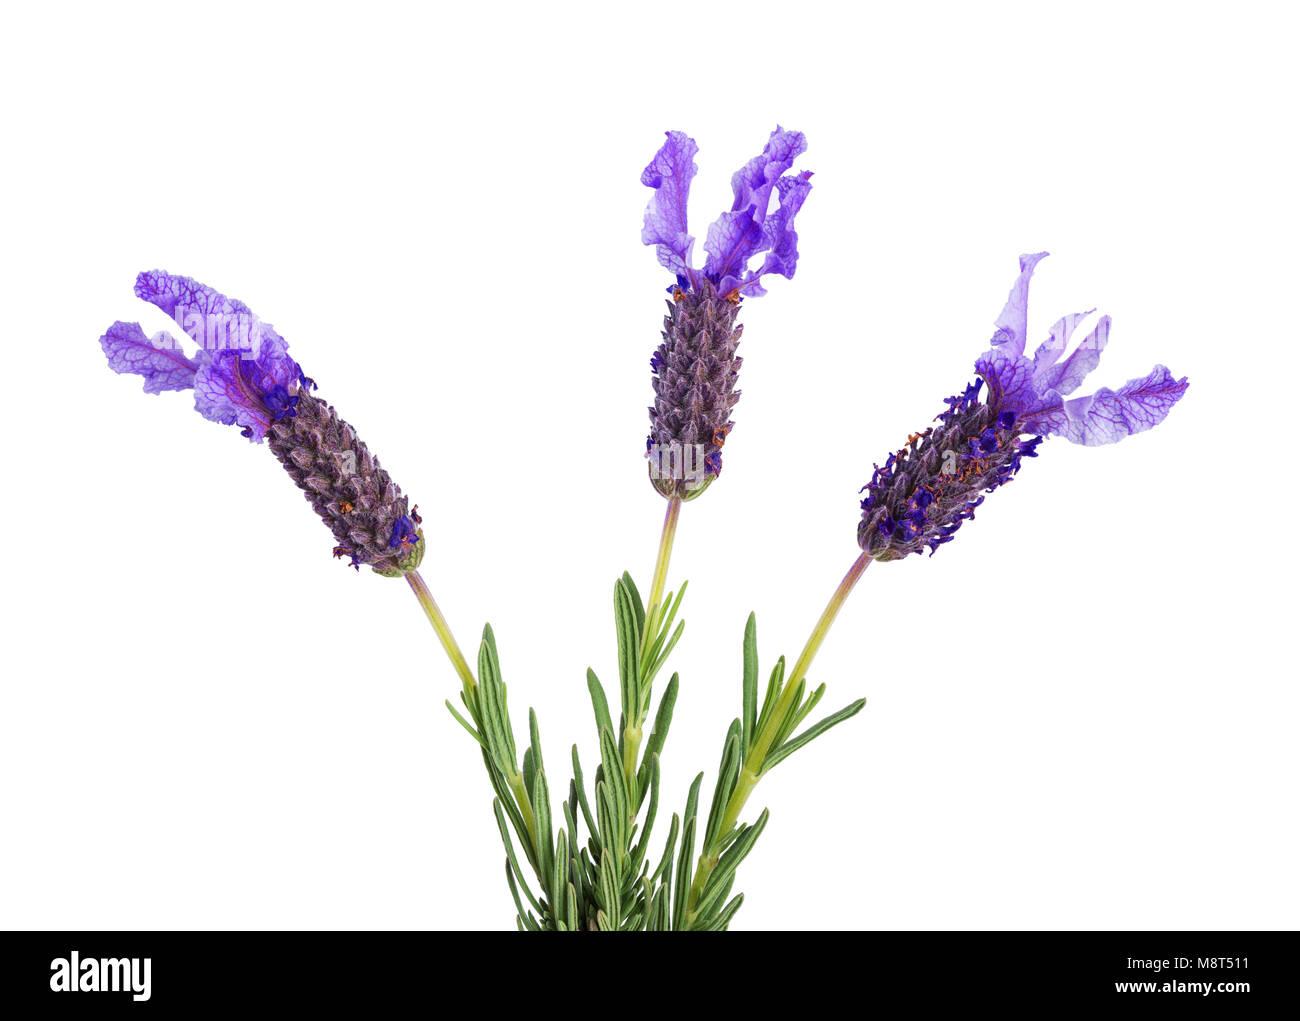 Tres flores de lavanda aislado sobre fondo blanco. Imagen De Stock